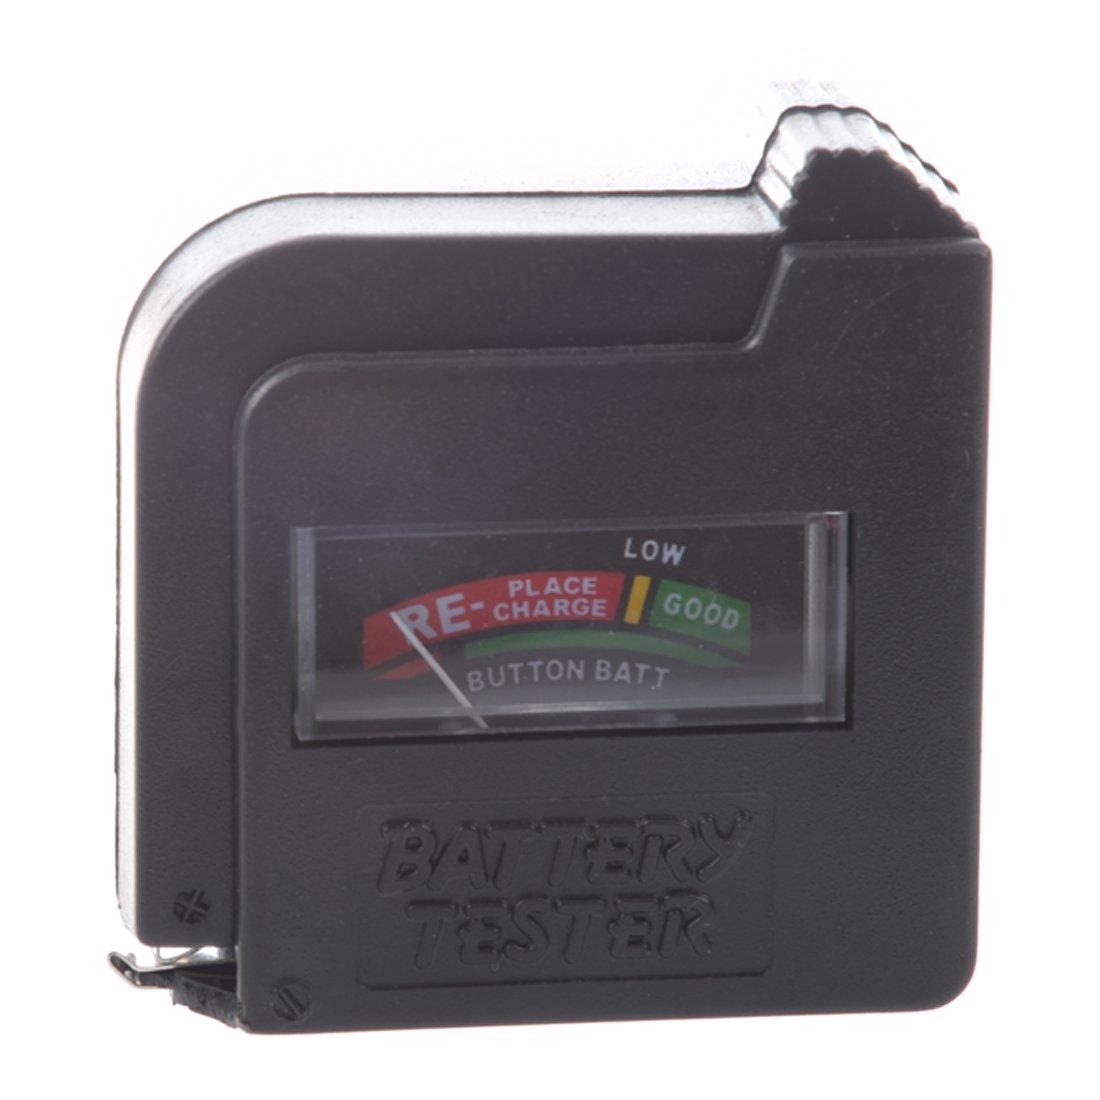 SODIAL (R) kompakten, einfach zu bedienende Akkulade Tester 009211